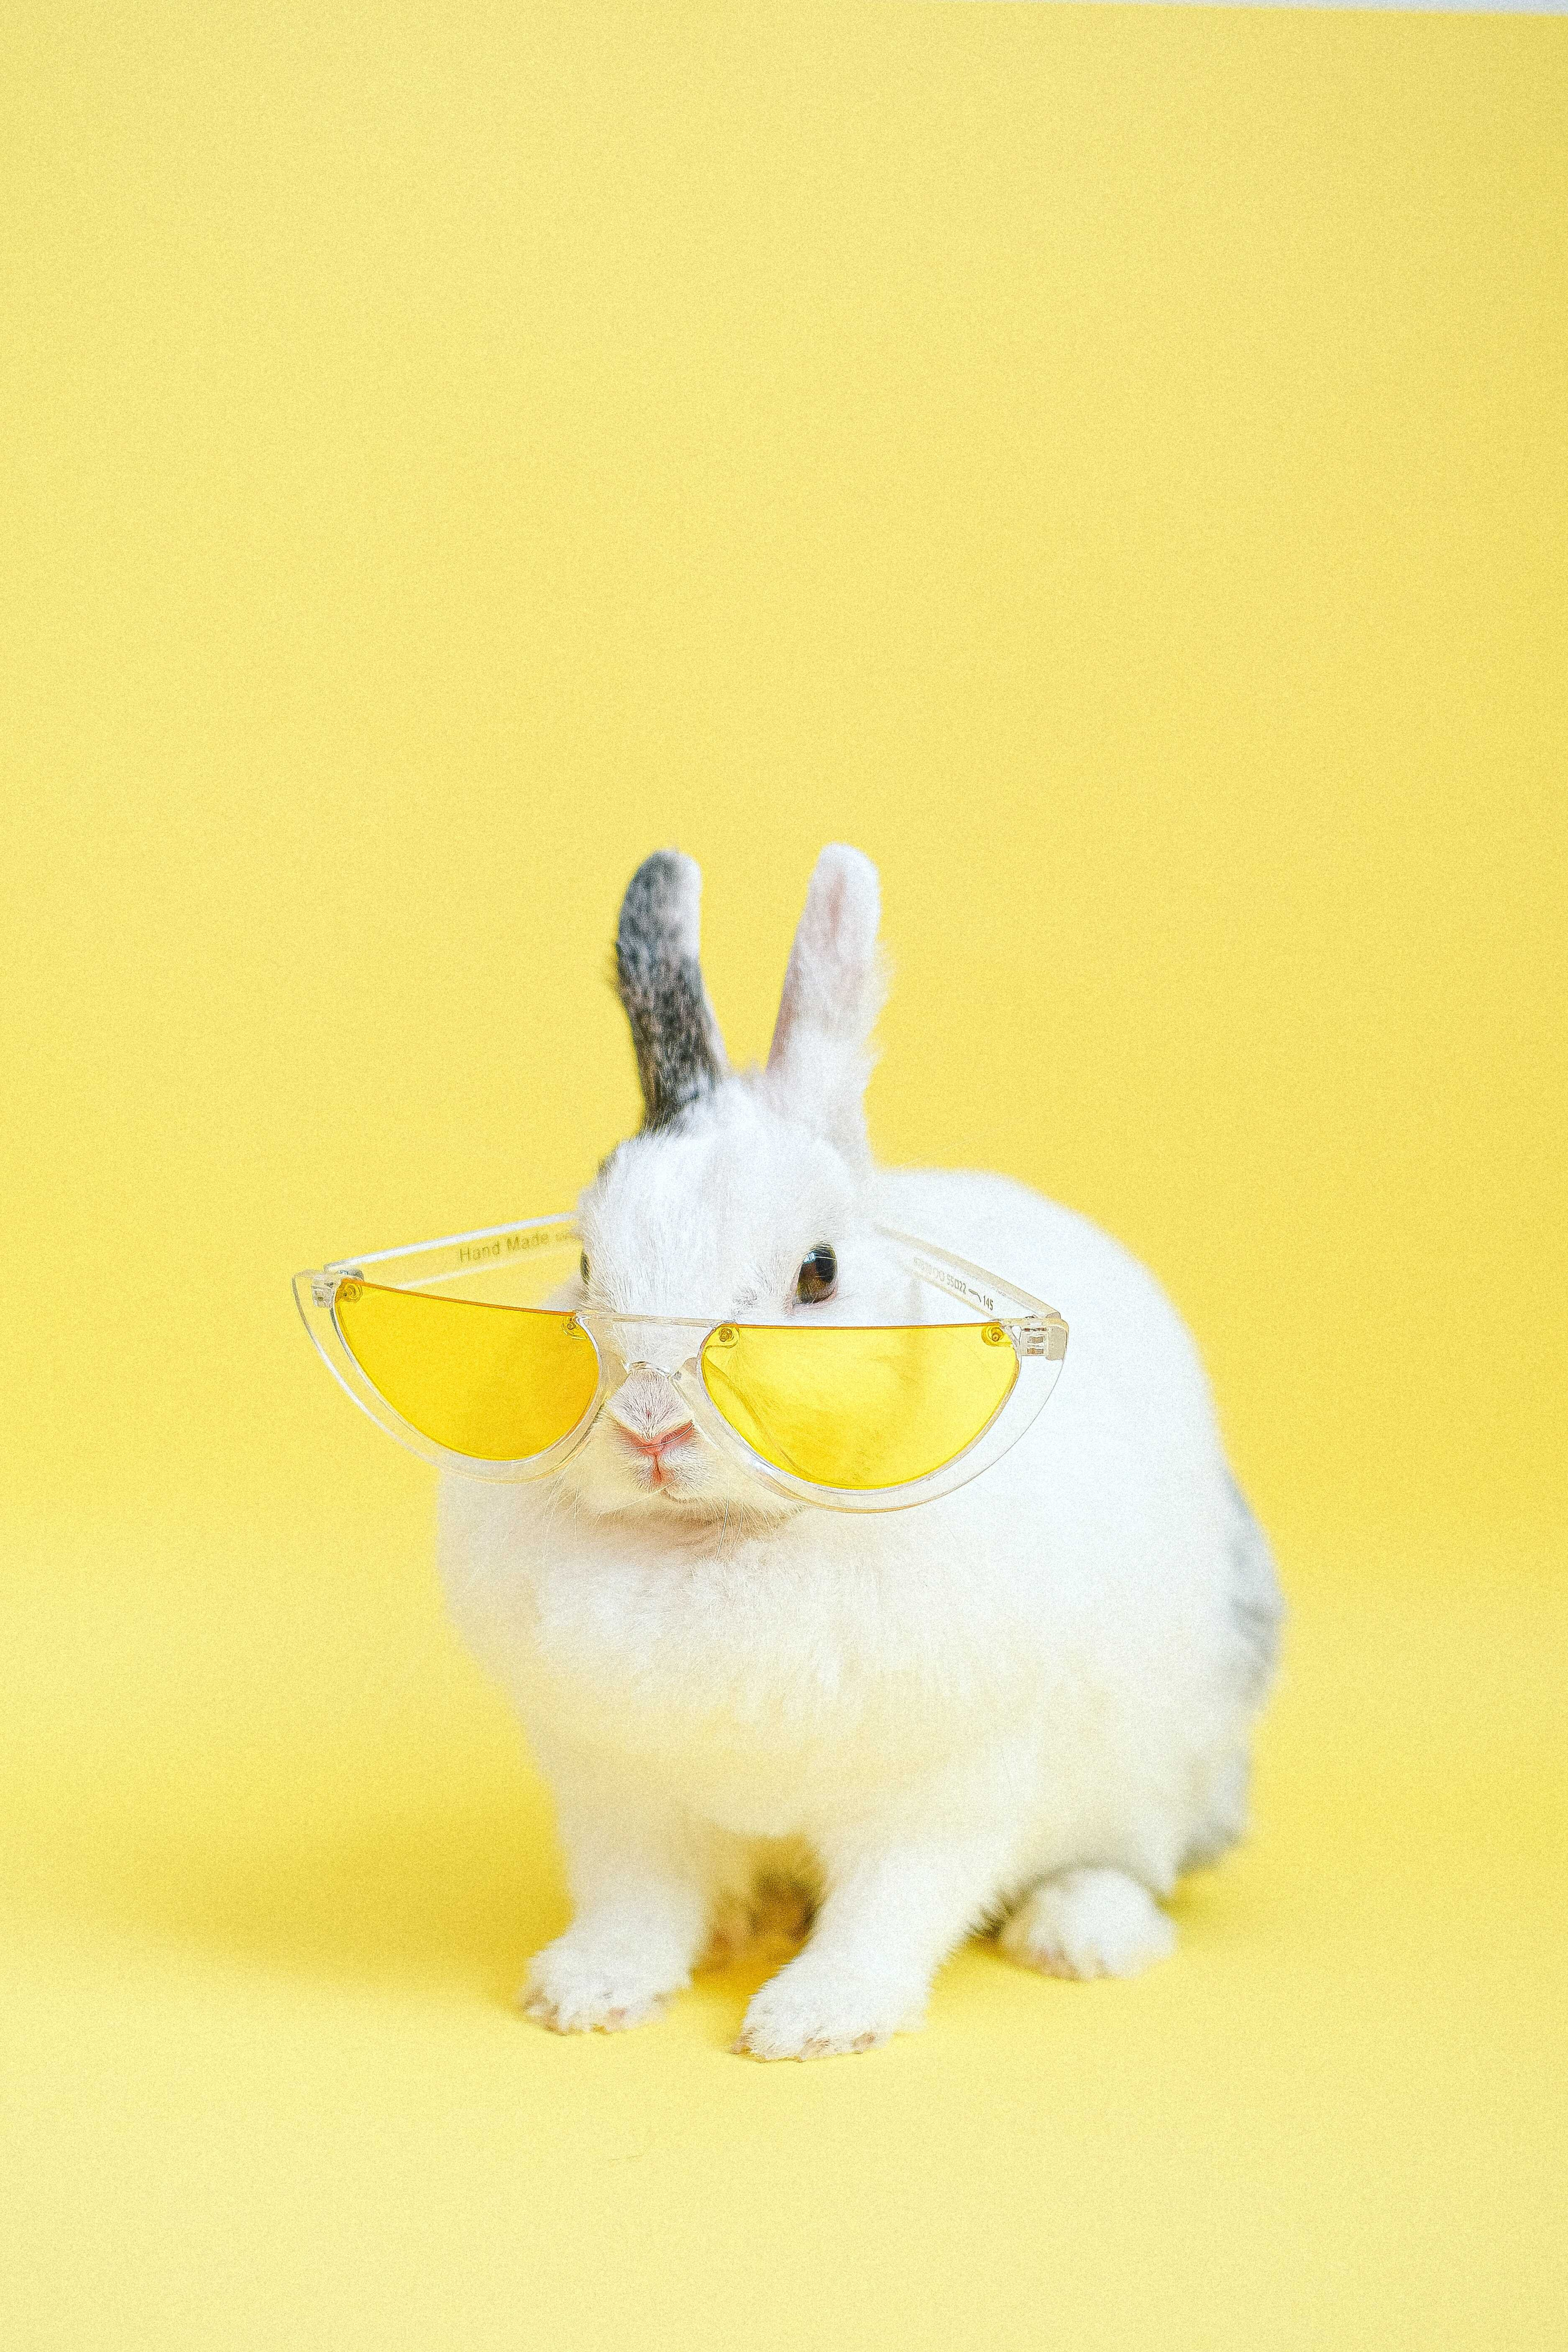 a rabbit wears eyeglasses